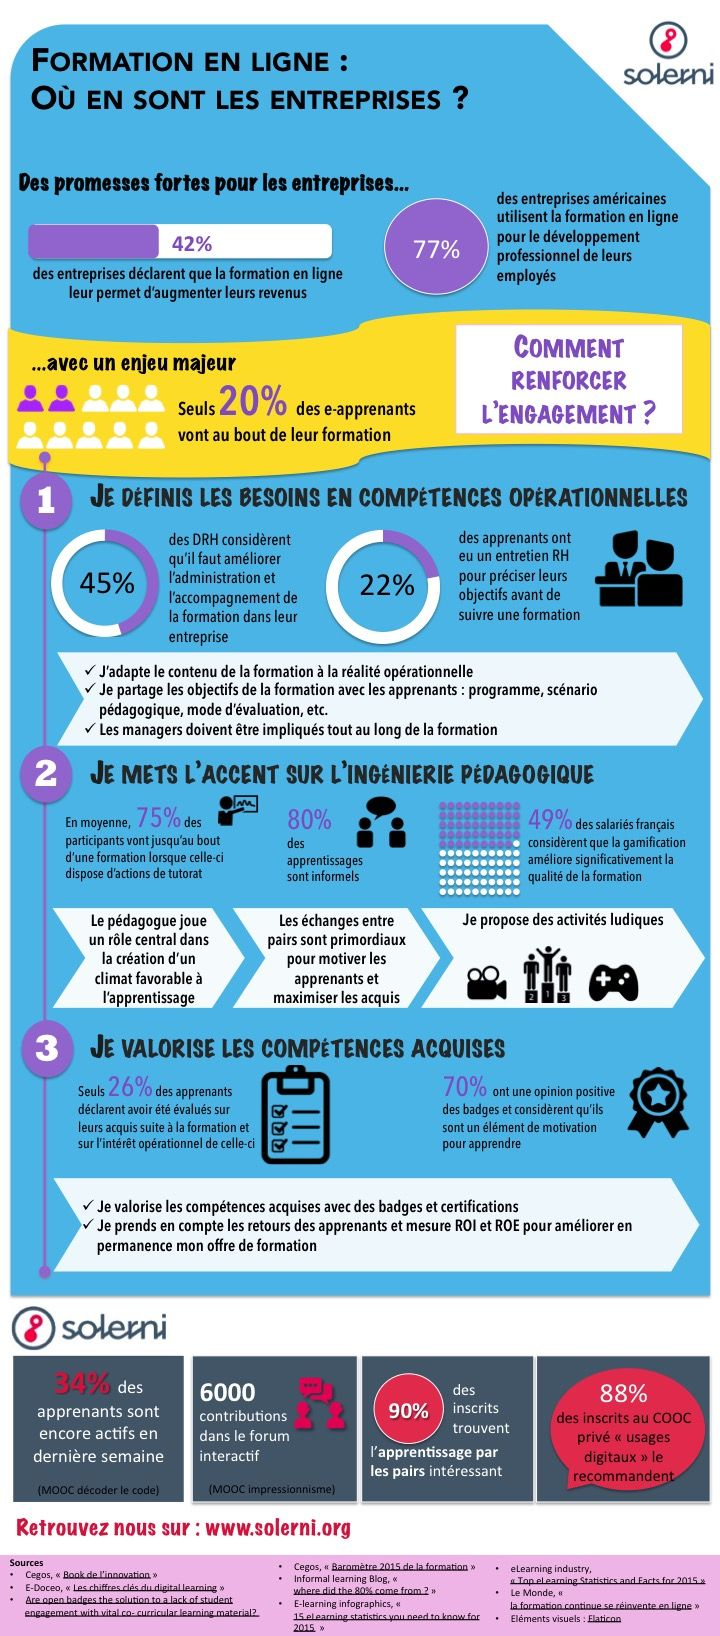 Infographie Comment Renforcer L Engagement Des Apprenants Le Blog De Solerni Pla Apprendre L Anglais Comment Apprendre L Anglais Formation De Formateur